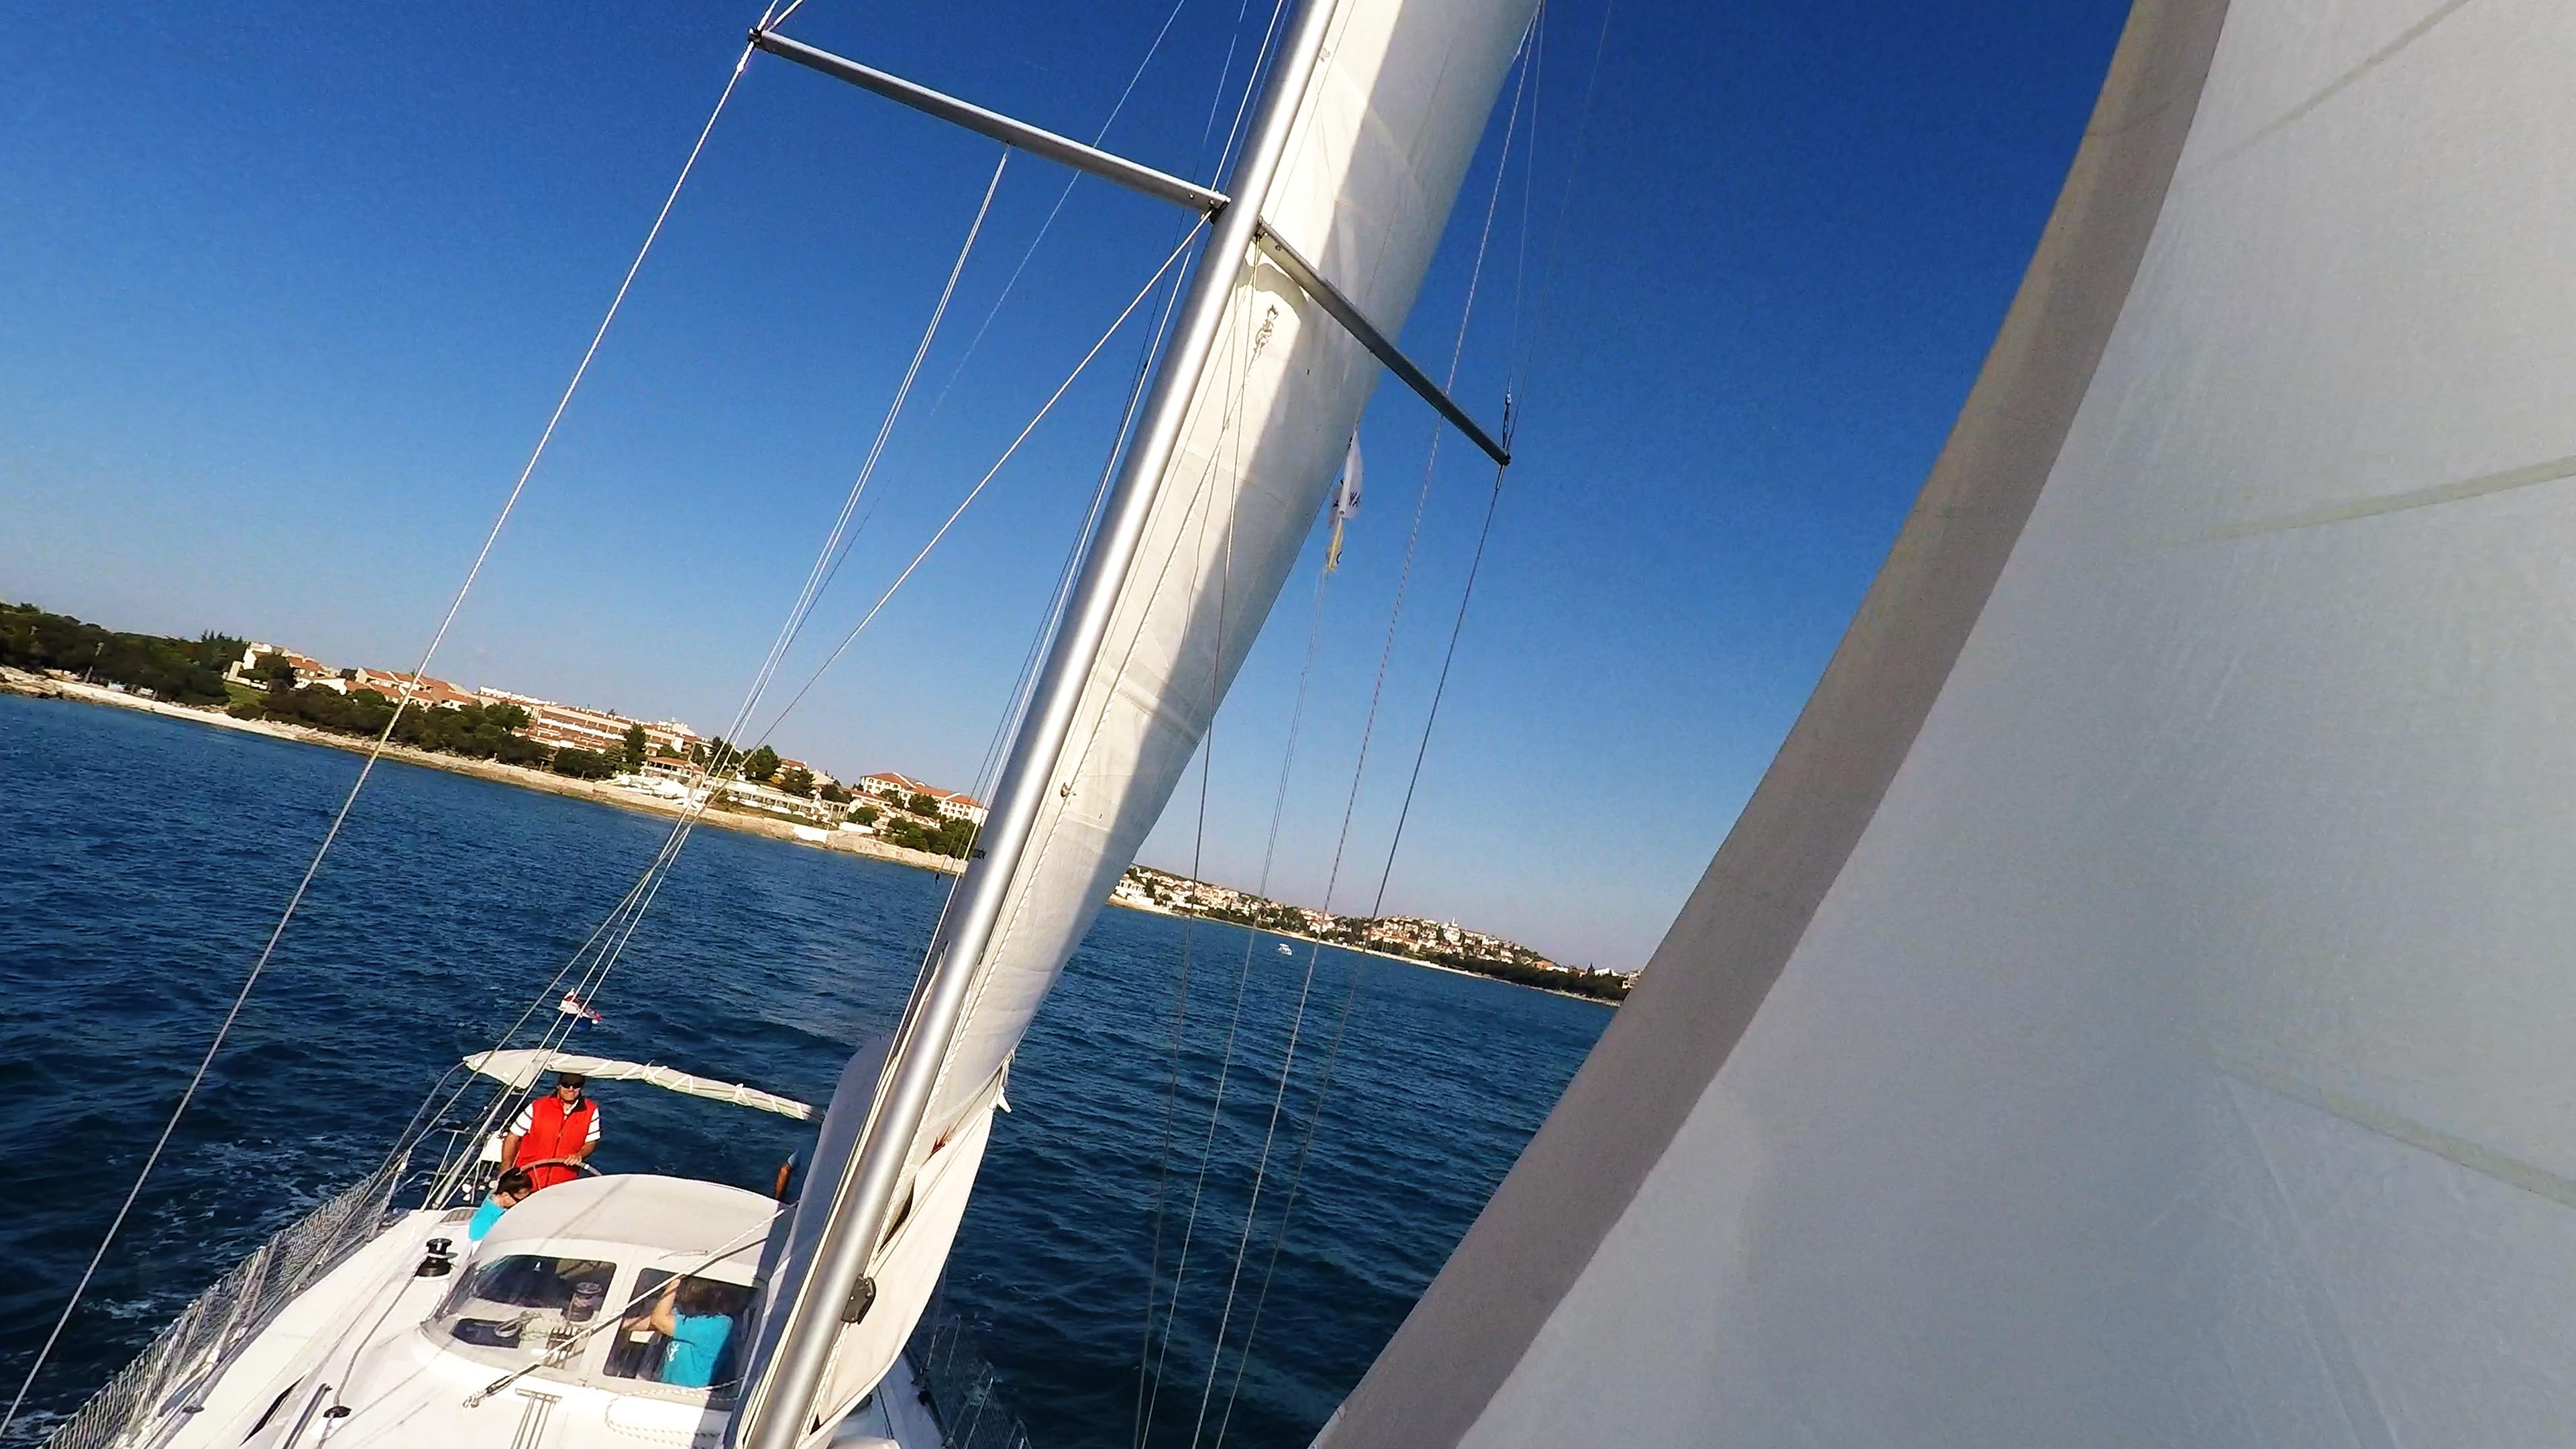 barcha a vela yacht a vela albero sartiame cielo blu